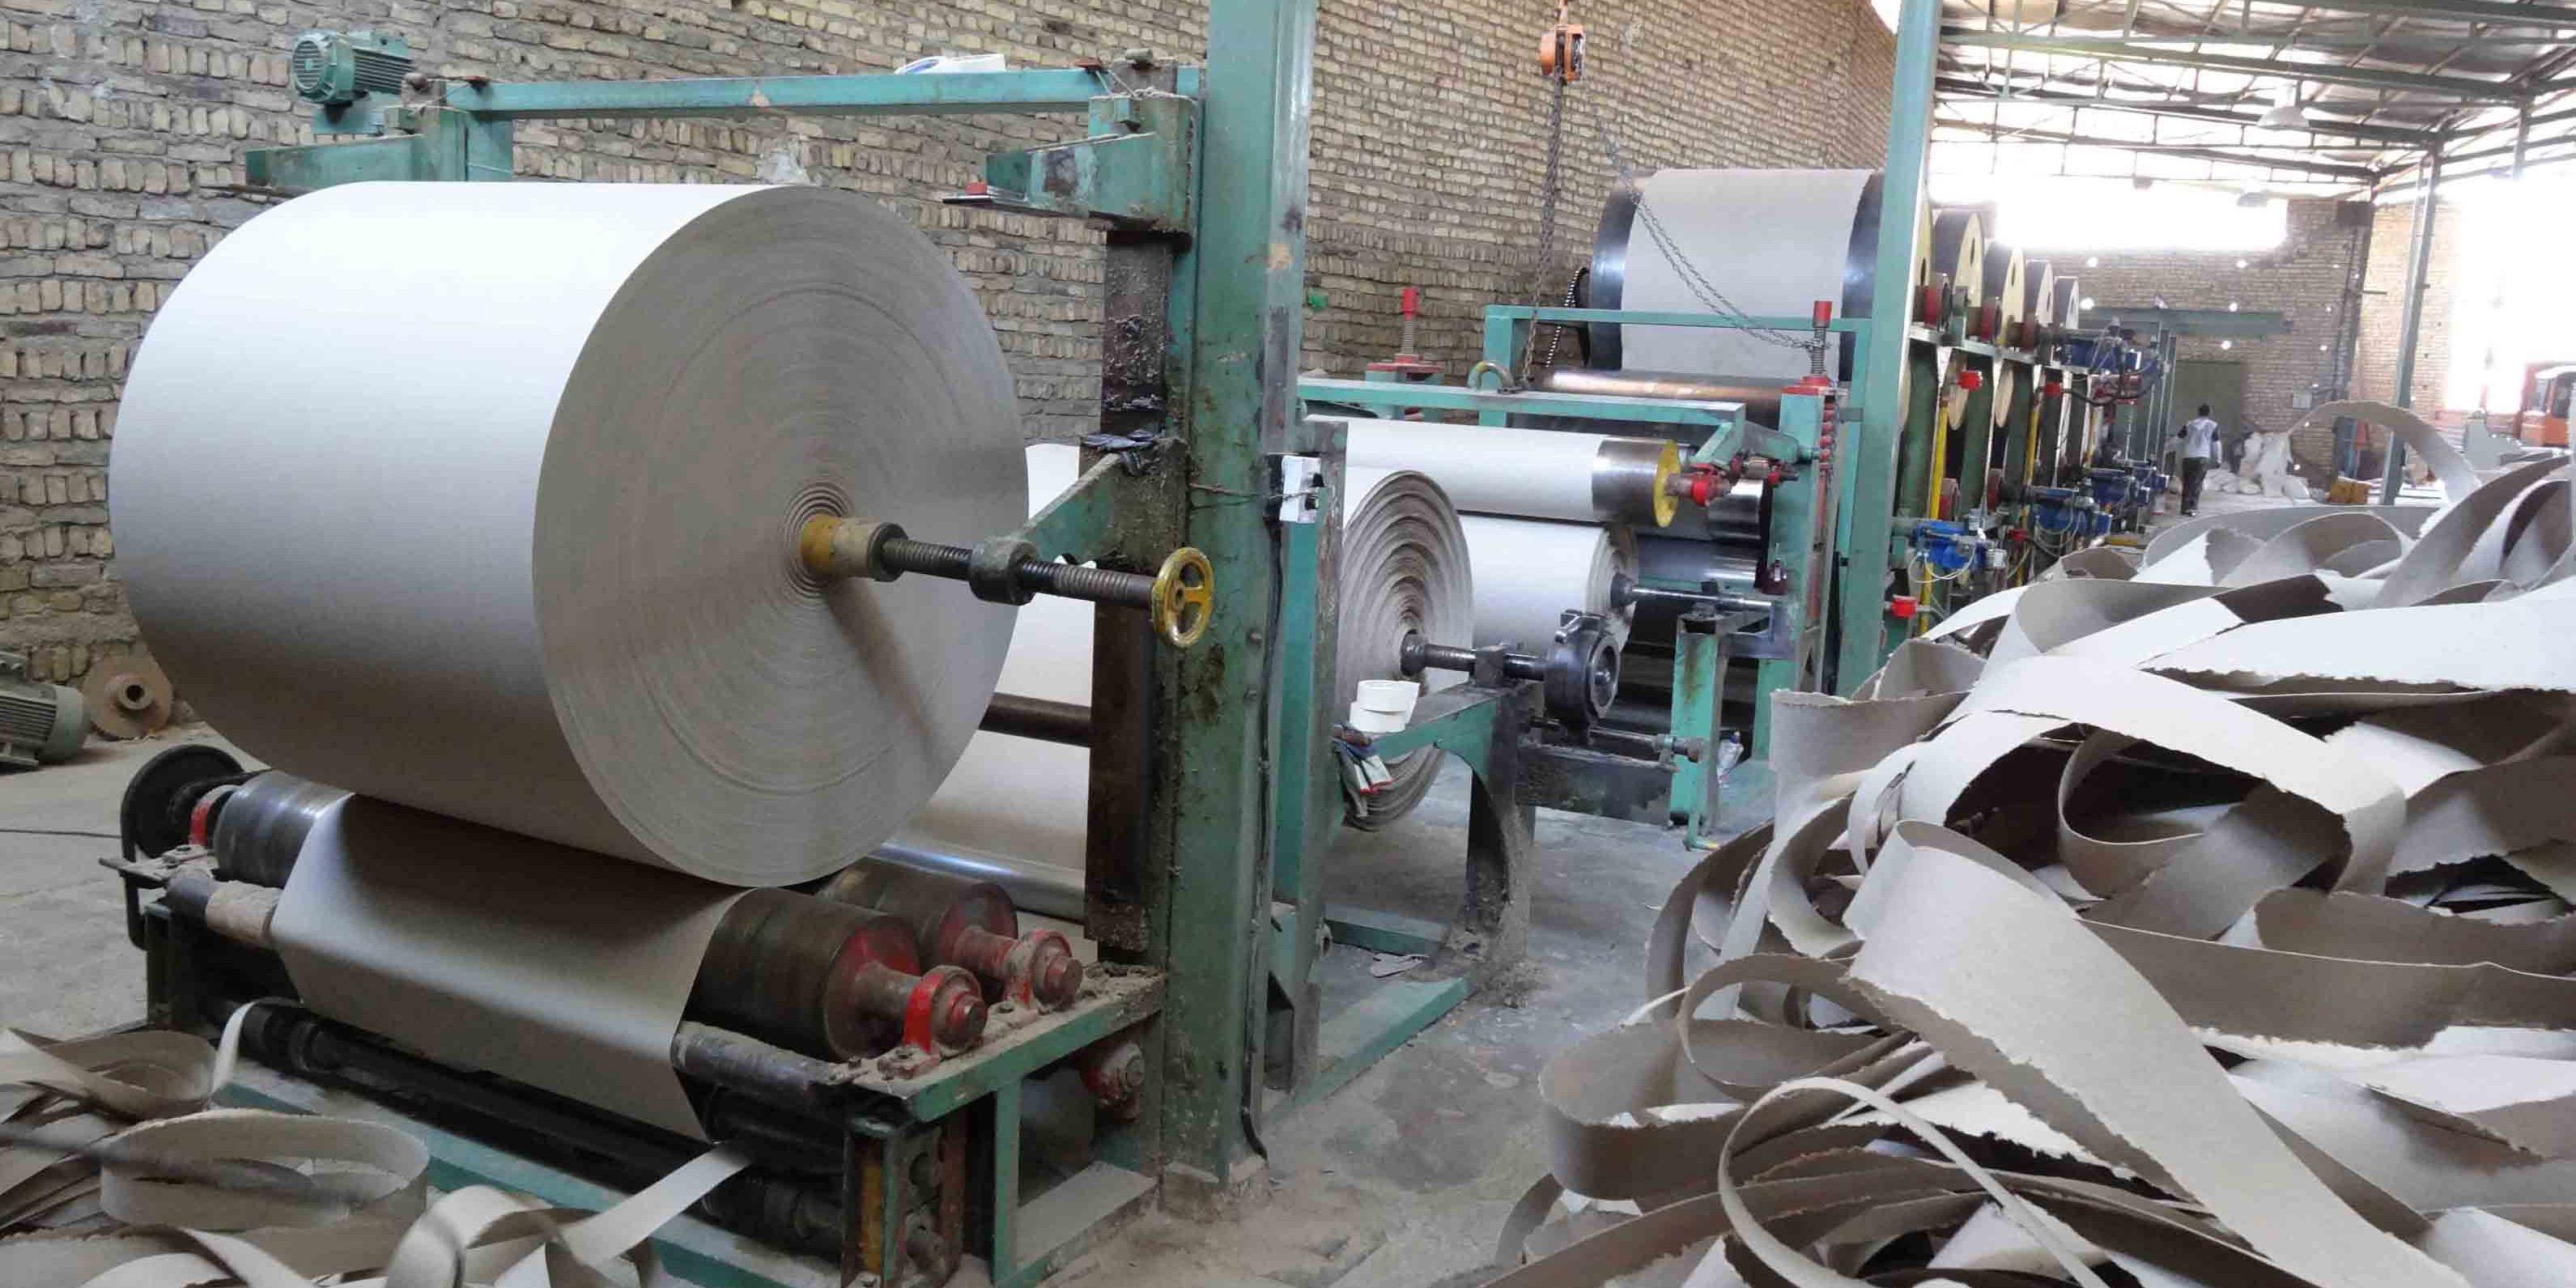 رونق به تولید چوب جهان برگشت/خروج از رکود تولید کاغذ در اروپا